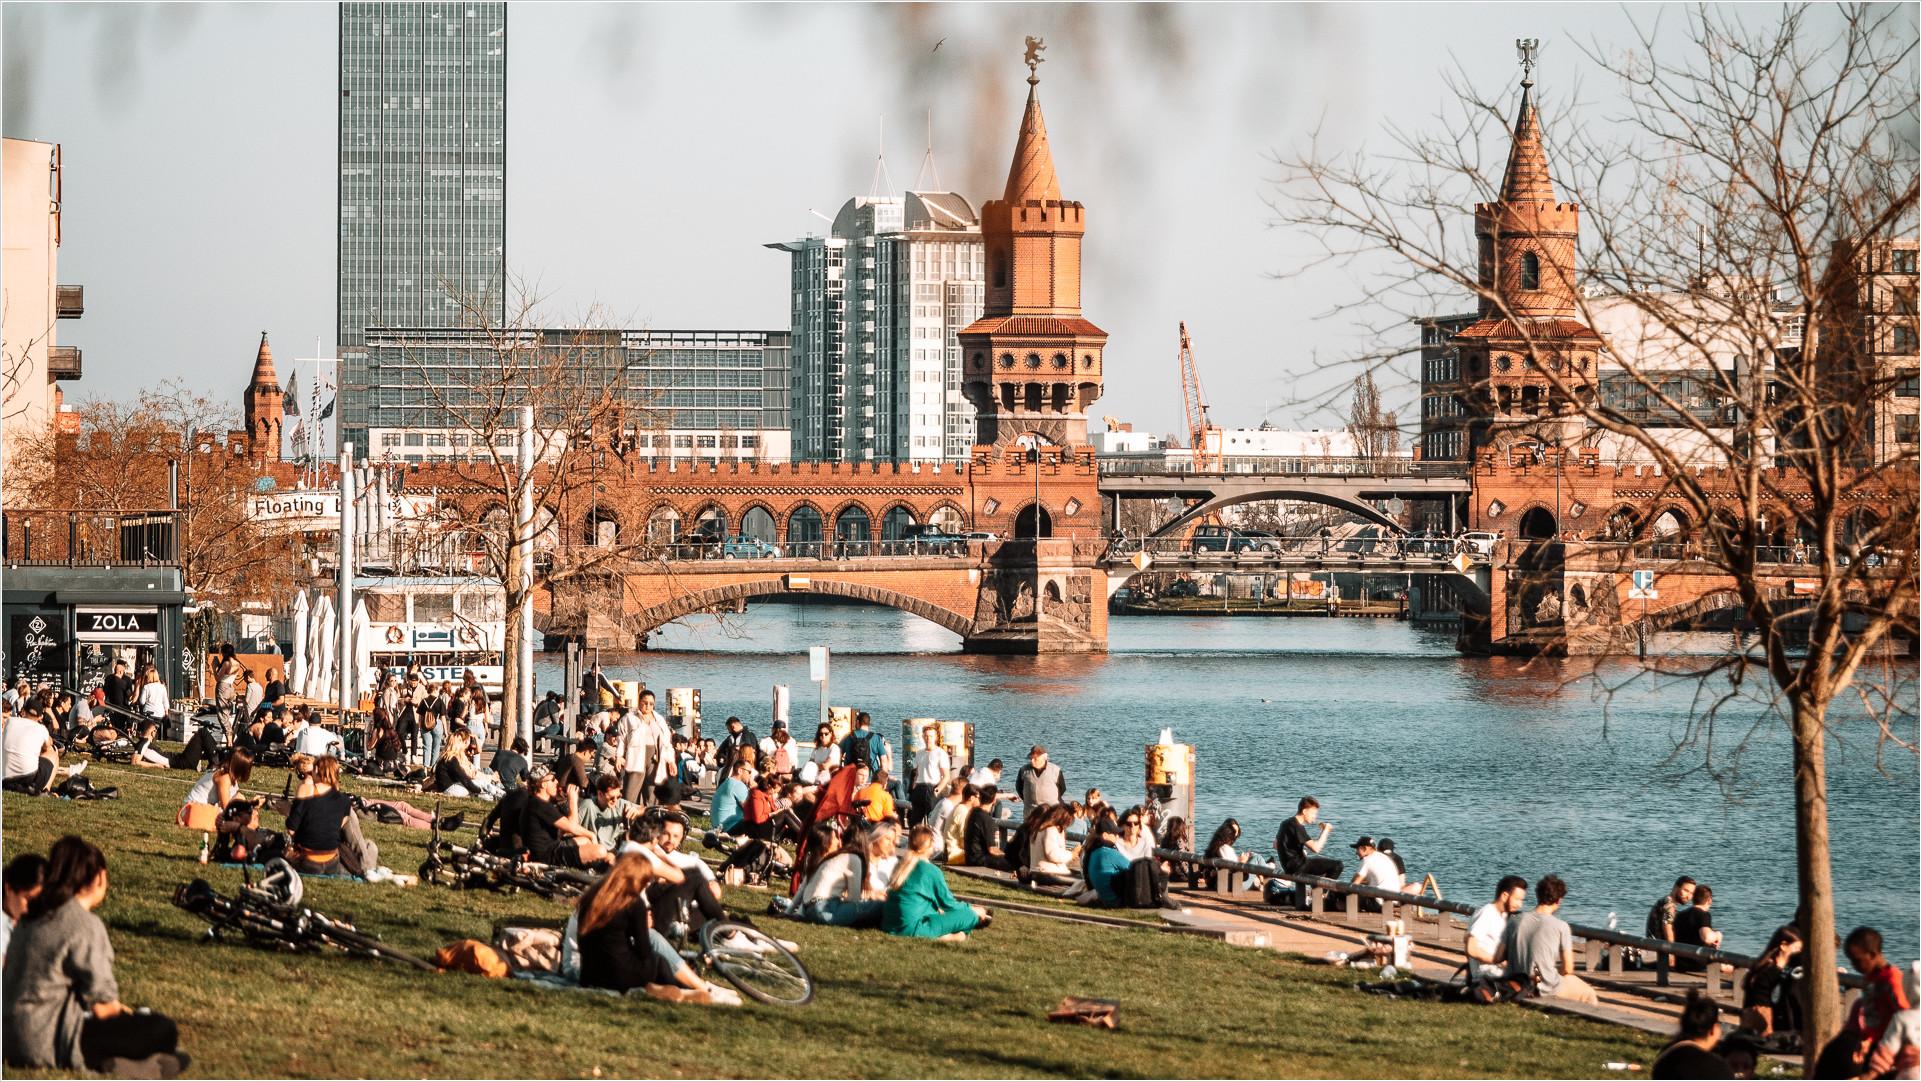 Oberbaumbrücke, im Vordergrund Menschen